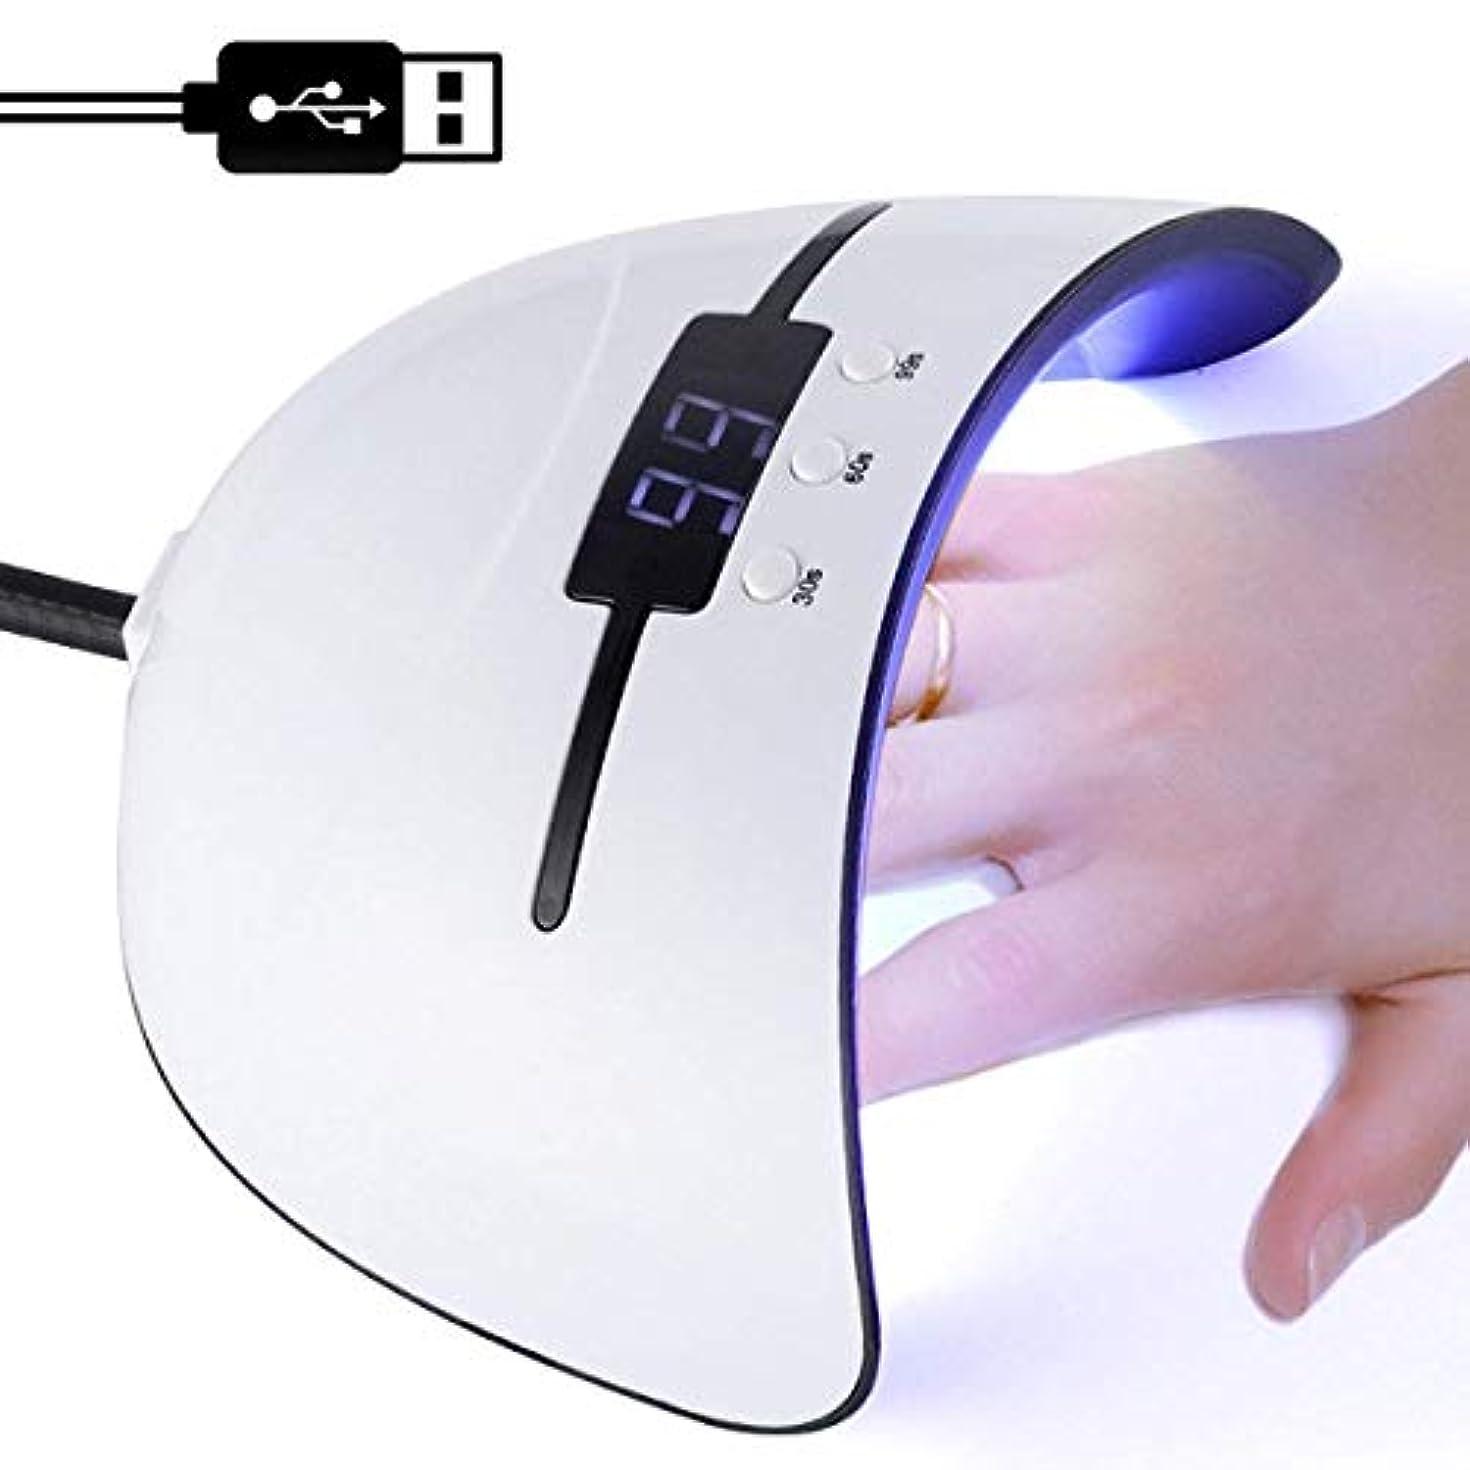 複雑口述する脚ネイルドライヤー 硬化用ライト 36w 美肌搭載 爪の薄い女性でも安心 液晶モニター センサーが感知 全ジェル対応 LED UV ネイルライト